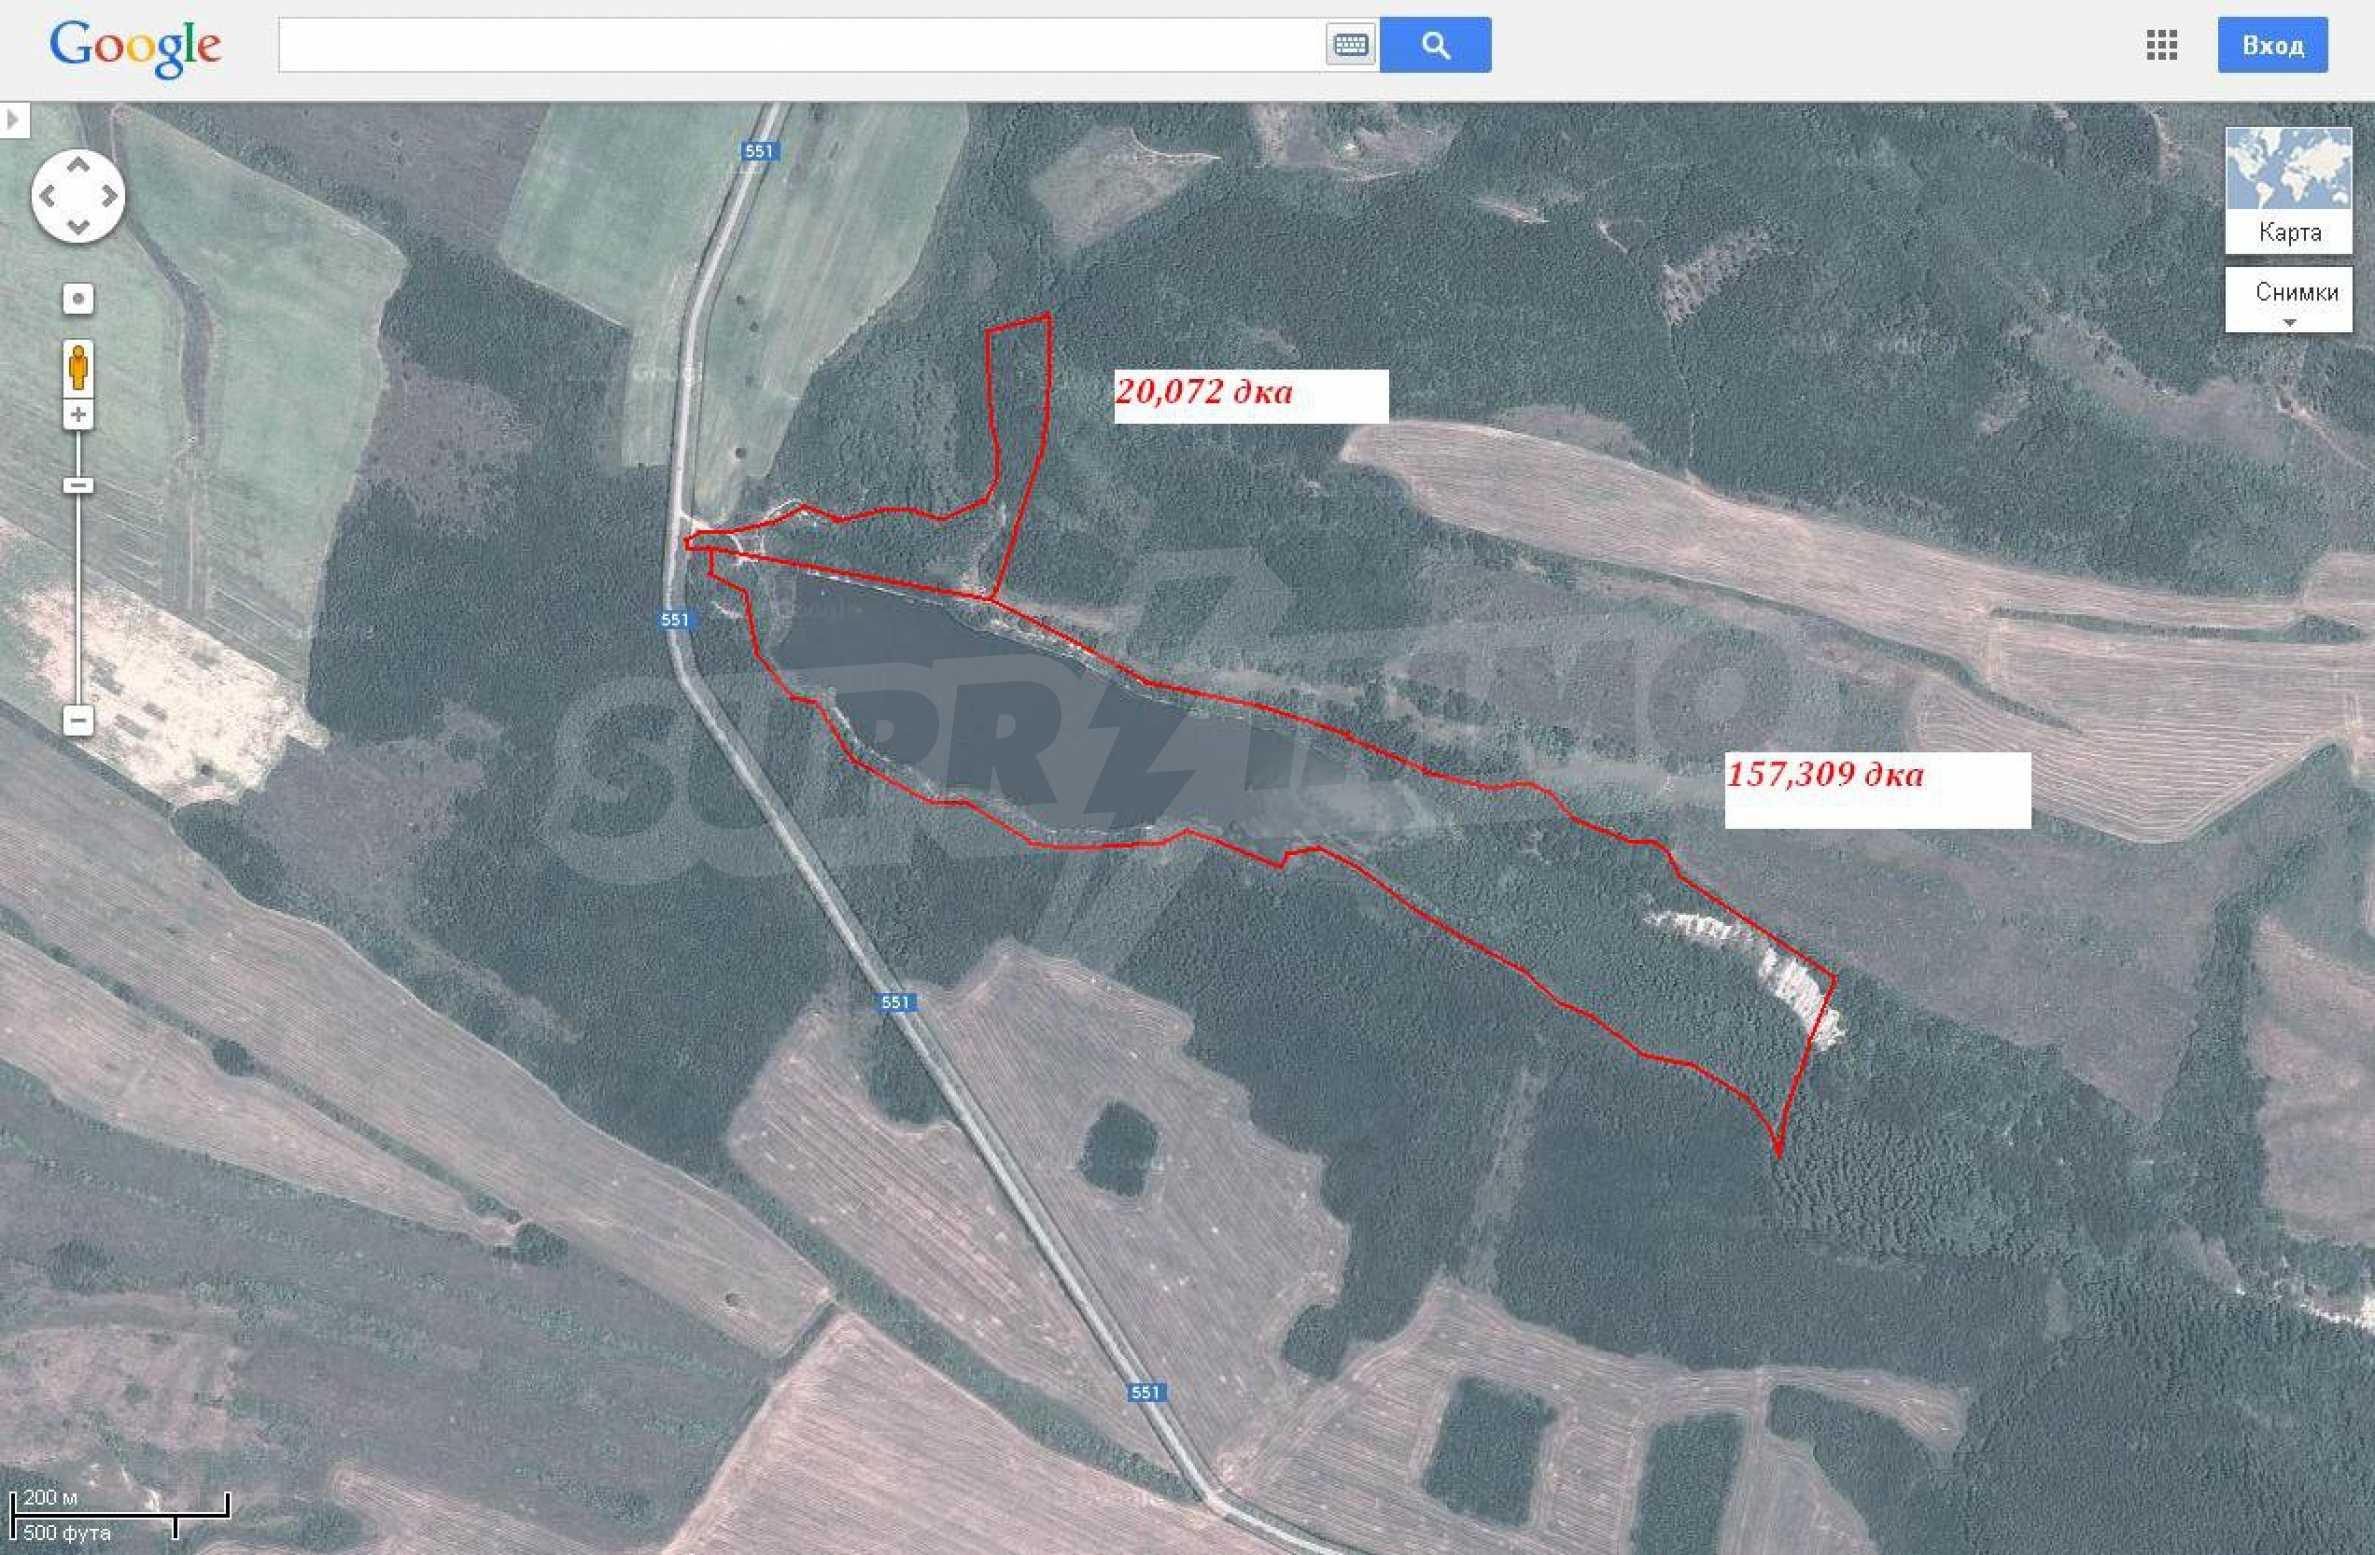 Damm mit angrenzendem Land 7 km von Veliko Tarnovo entfernt 15